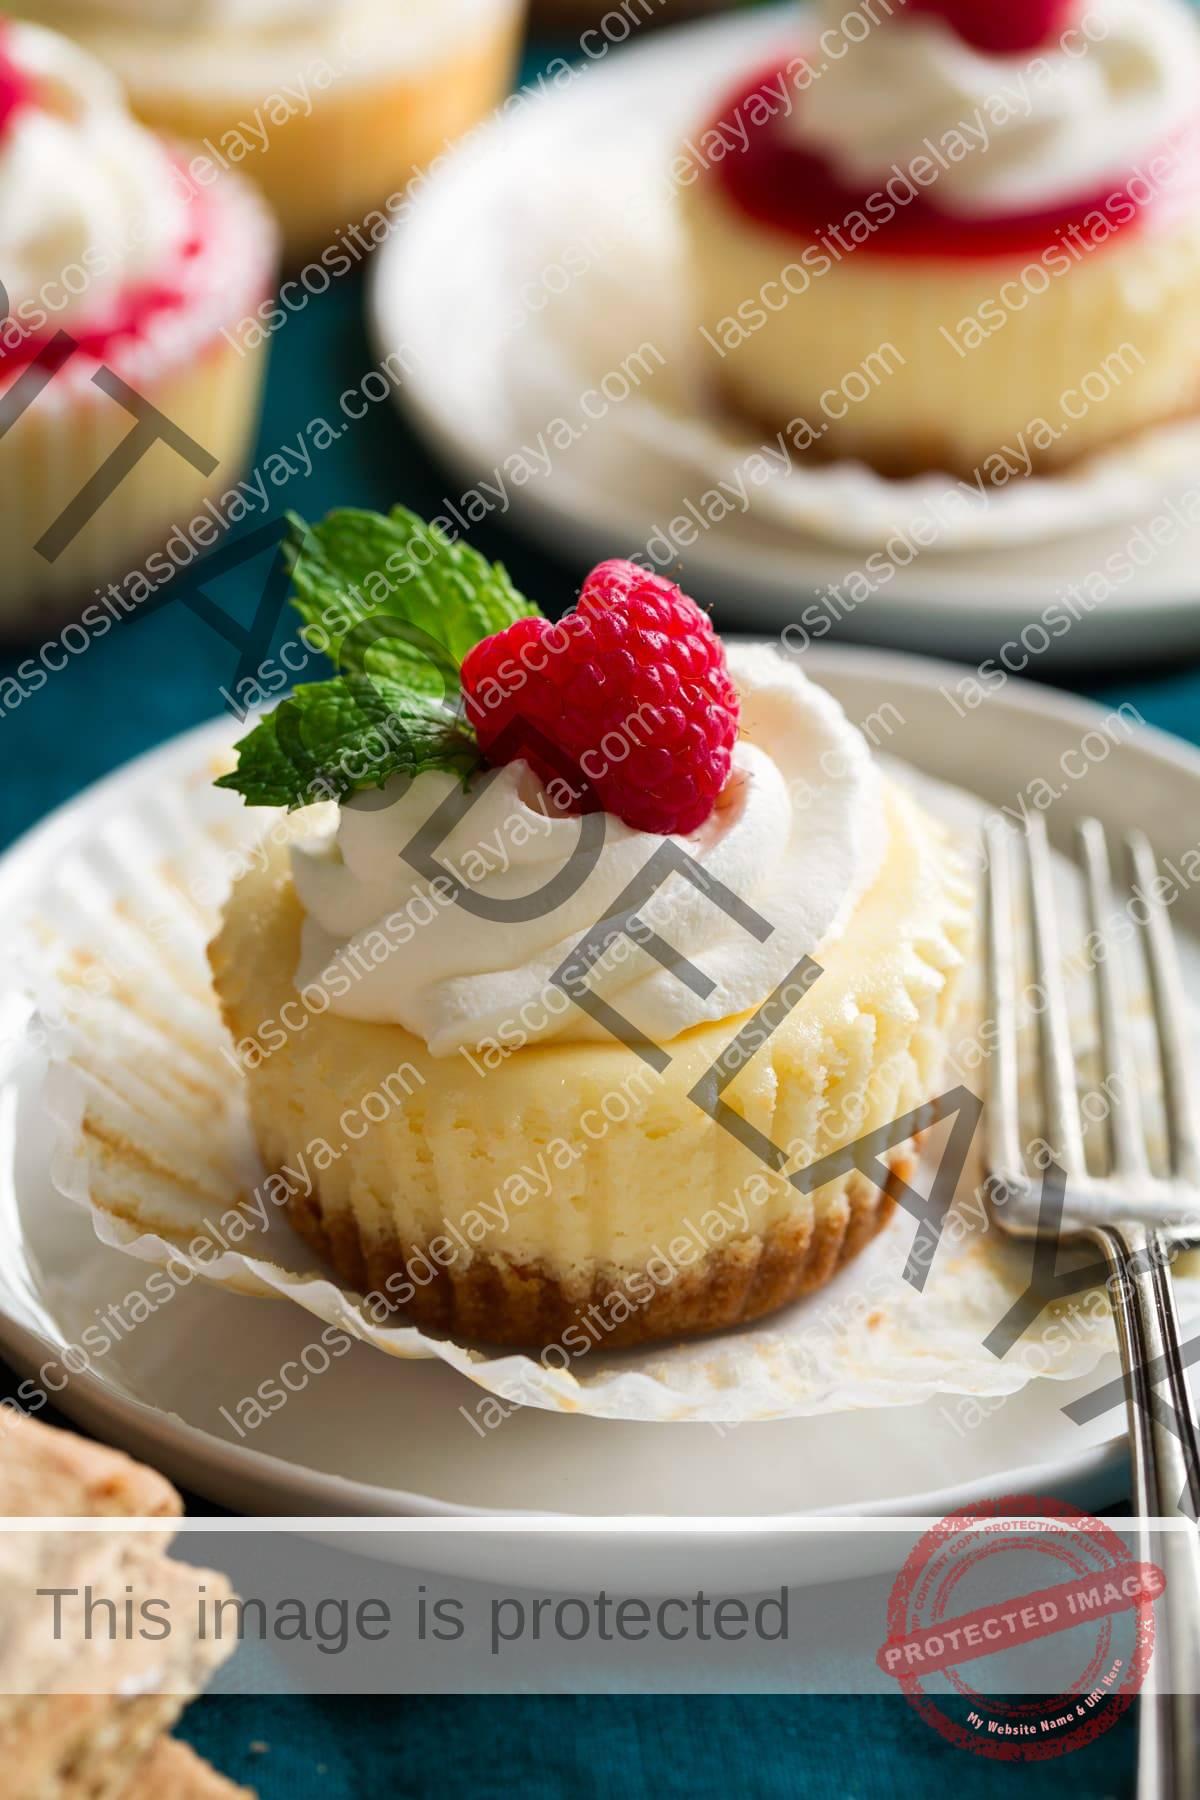 Mini tarta de queso que se muestra en un plato de postre sin envolver del forro para cupcakes.  Se cubre con crema batida, frambuesa fresca y menta.